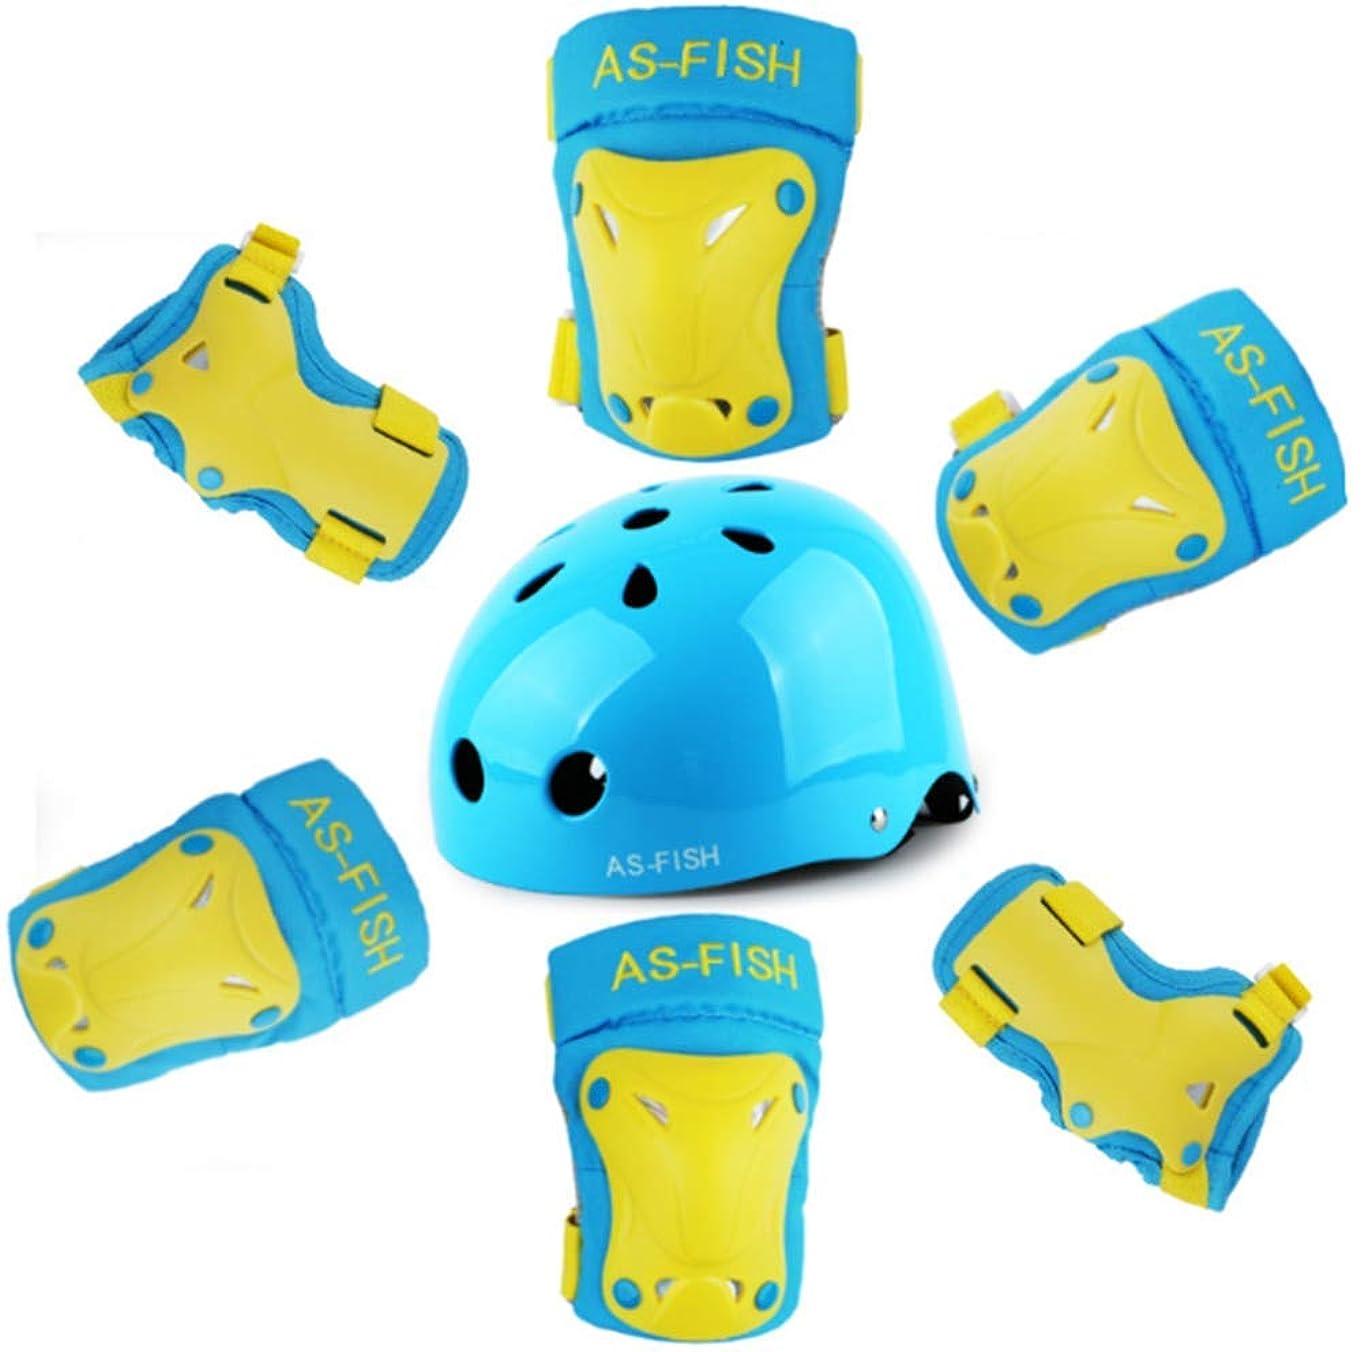 振幅洪水インドAS-FISH 2019 最新版 キッズ 軽量 ヘルメット + プロテクター 膝パッド?ひじパッド?手首ガード サイクリング 自転車 スケート びっくり キッズ 子供 小学生 2-12歳の子供 12歳以上の青少年用